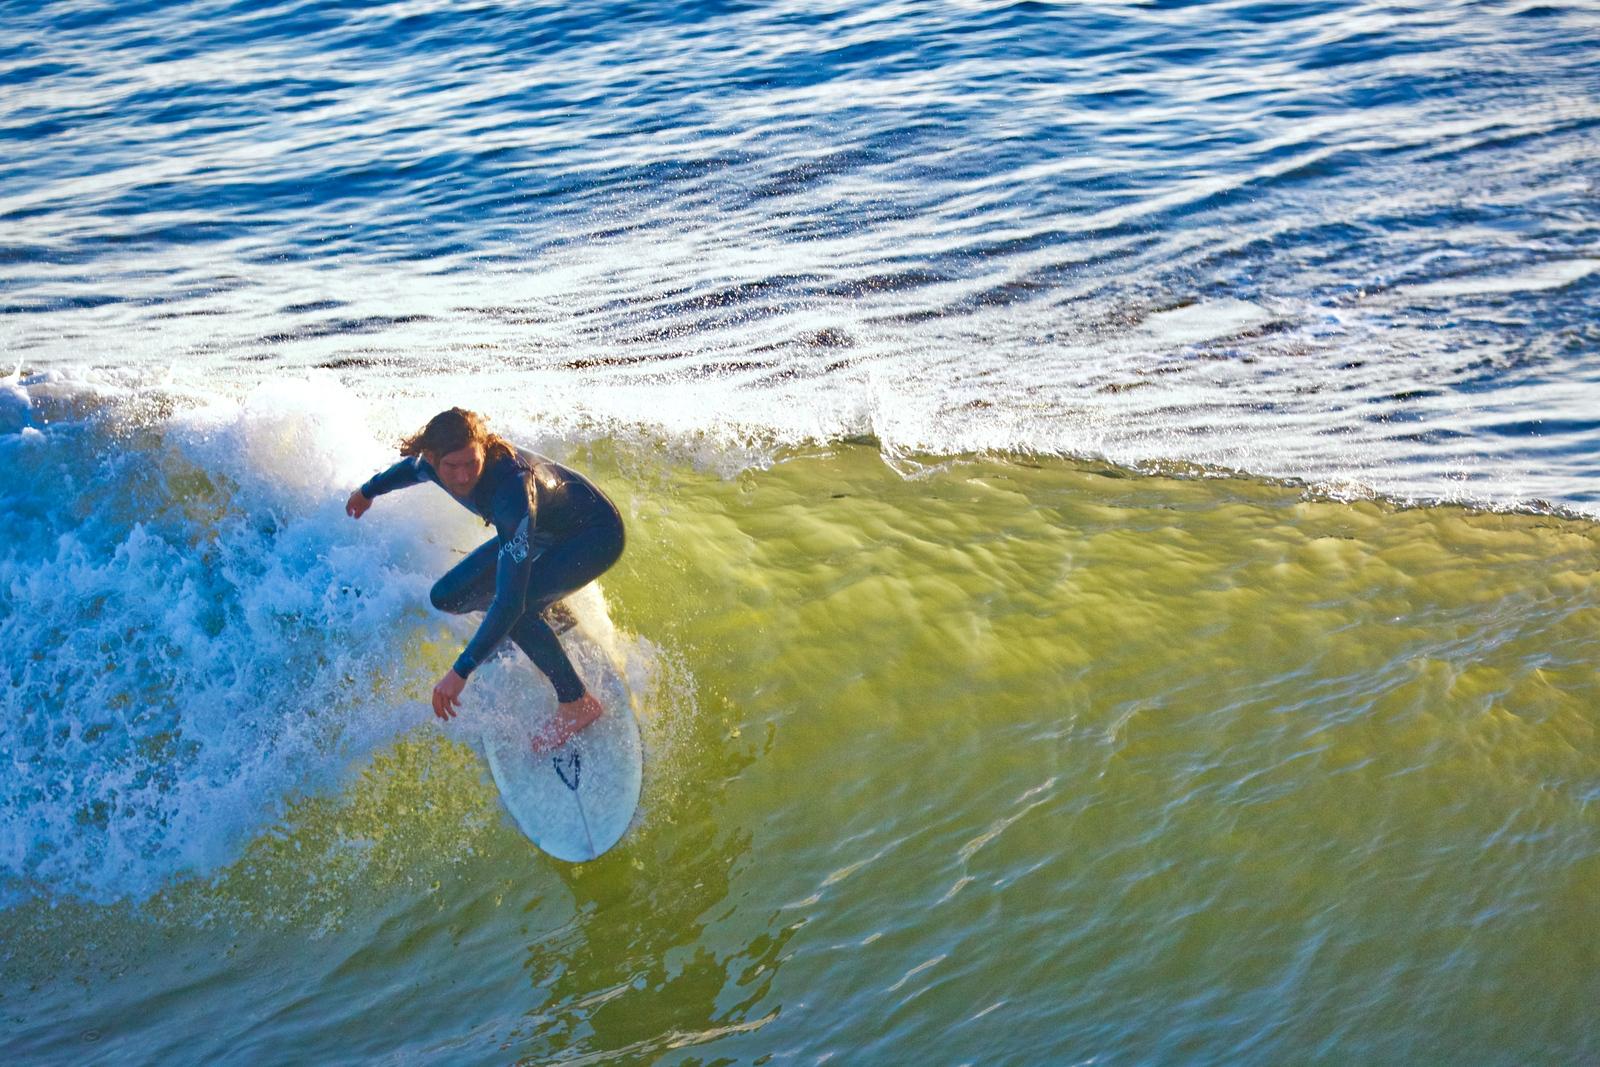 Pismo Beach Oct. 24, 2016